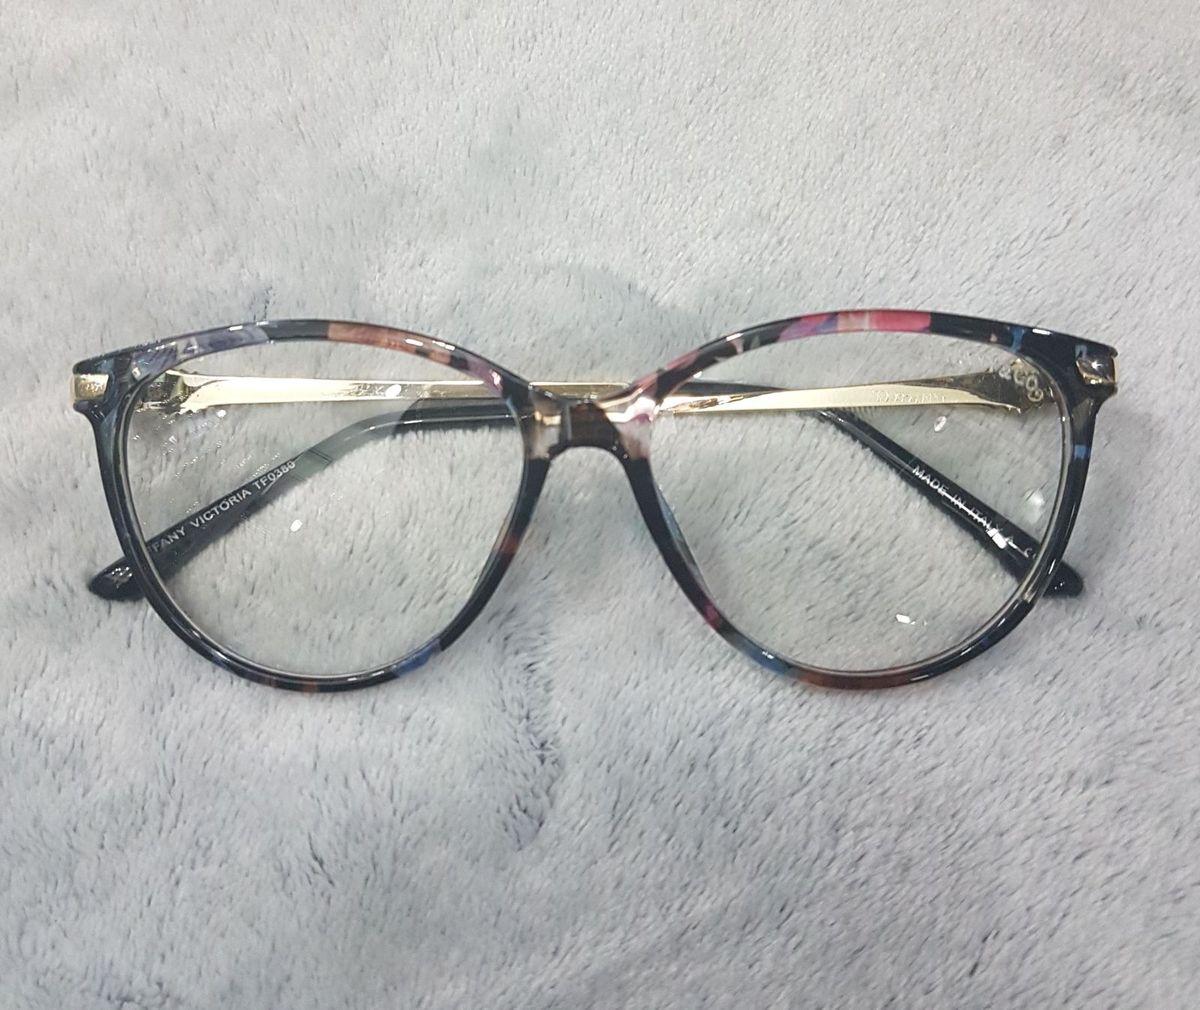 99969973f7172 armações pra lente de grau - óculos tiffany.  Czm6ly9wag90b3muzw5qb2vplmnvbs5ici9wcm9kdwn0cy84njgwndazlzkxztk2mzewzjnhotqynzg5mmyyyte3njczngmwmdq1lmpwzw  ...